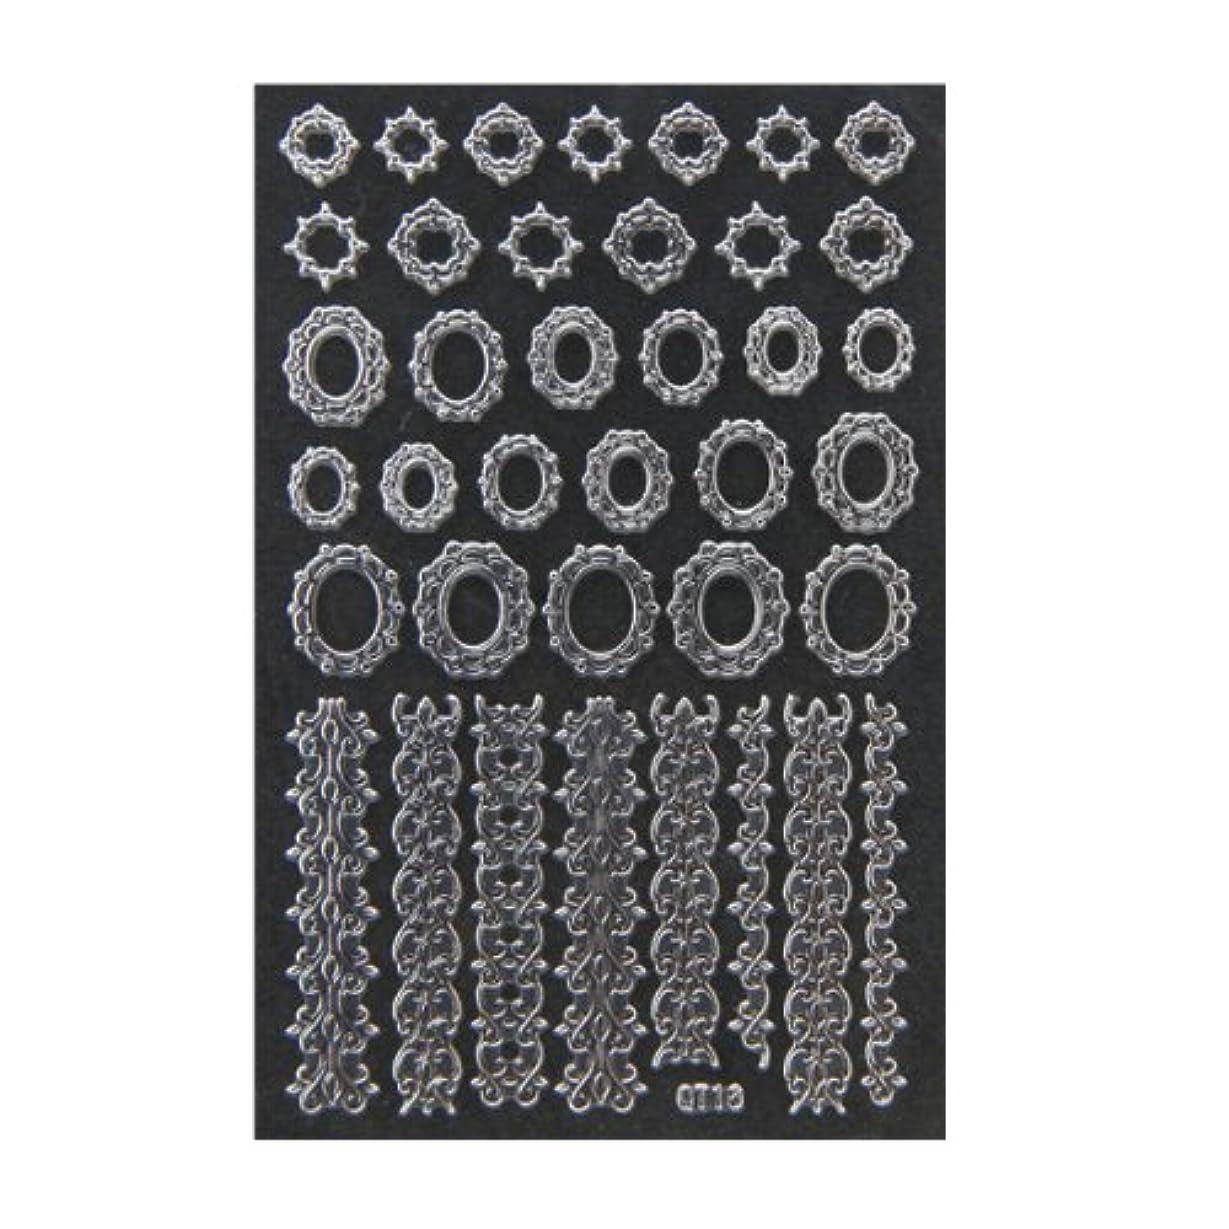 移動我慢する錆びネイルシール 3D ネイルシート ファッションネイル メタリックシール42 (ネイル用品)